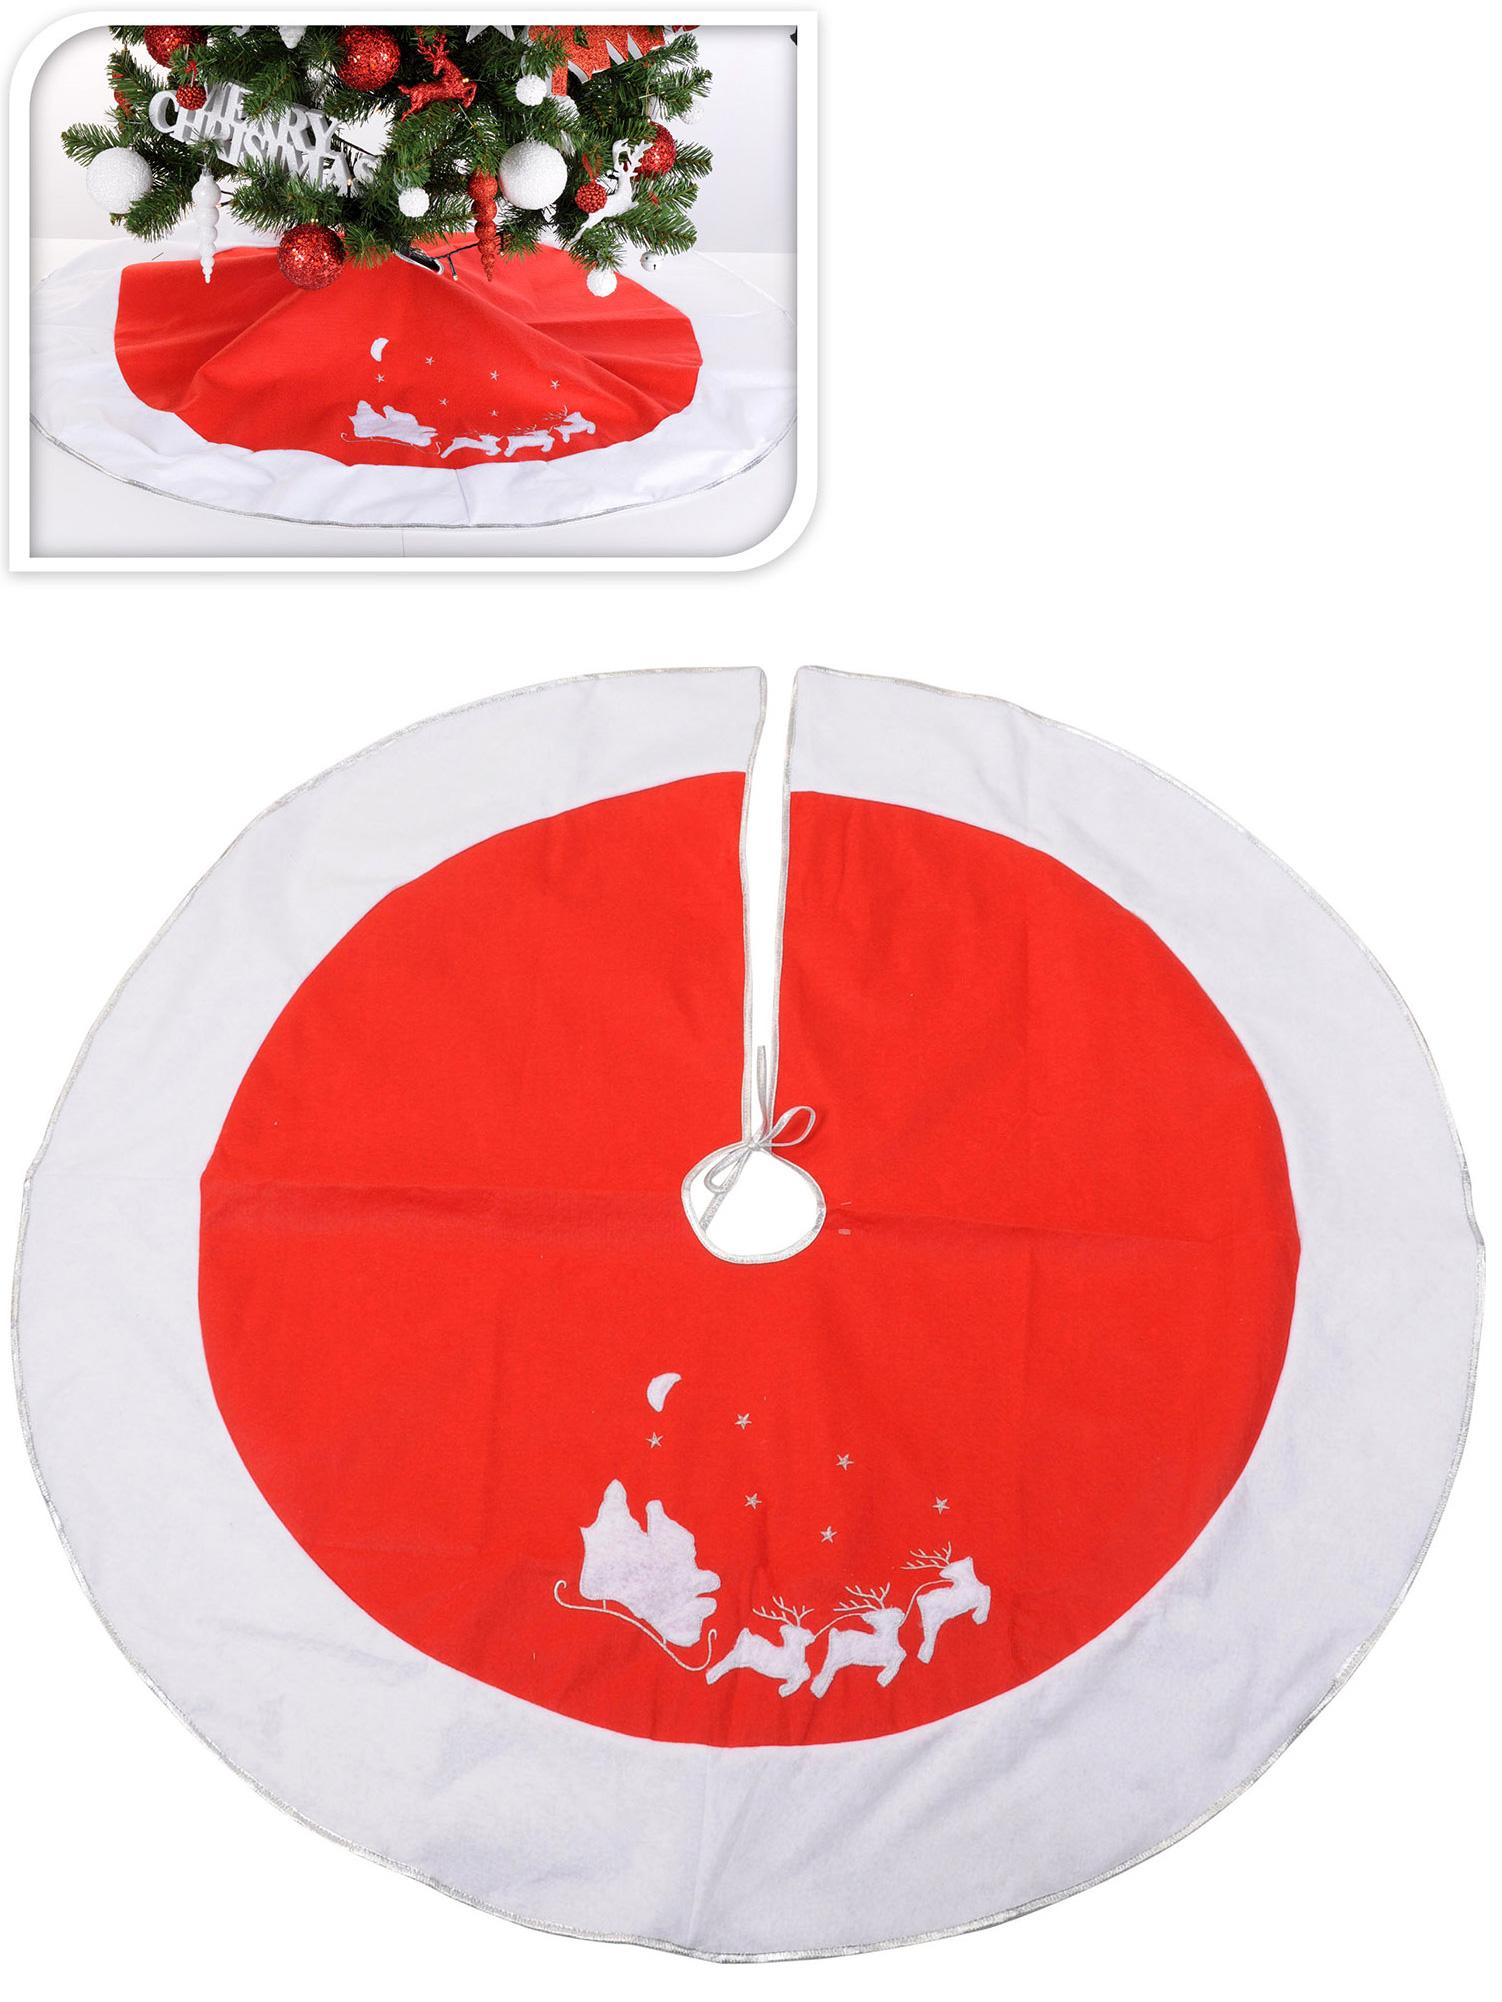 Weihnachtsbaum schmuck weihnachtsdeko rot weiss 120cm g nstige faschings partydeko zubeh r - Weihnachtsdeko rot ...